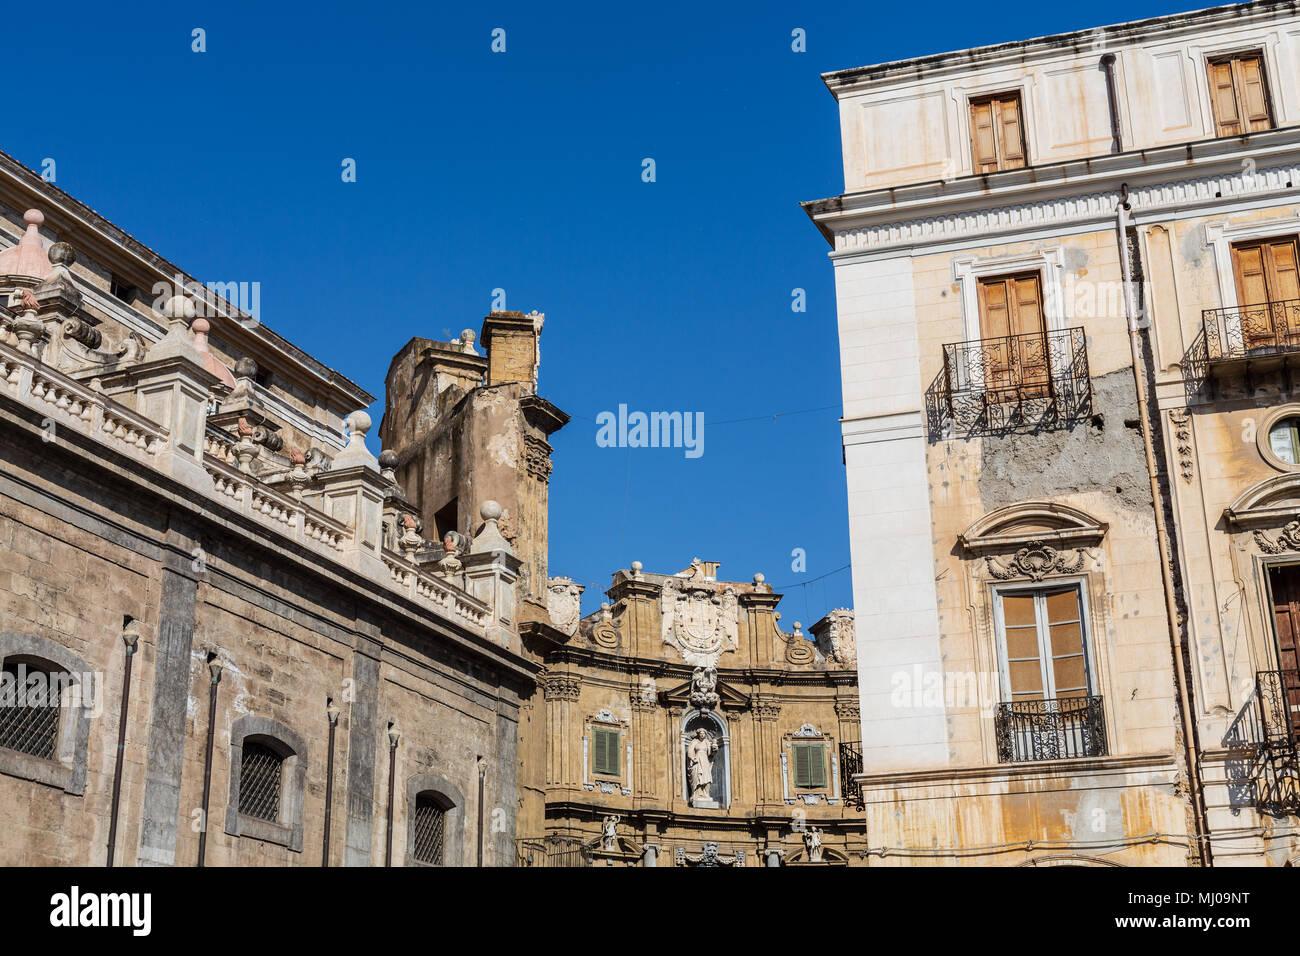 La Piazza Pretoria, Palerme, Sicile, Italie Photo Stock